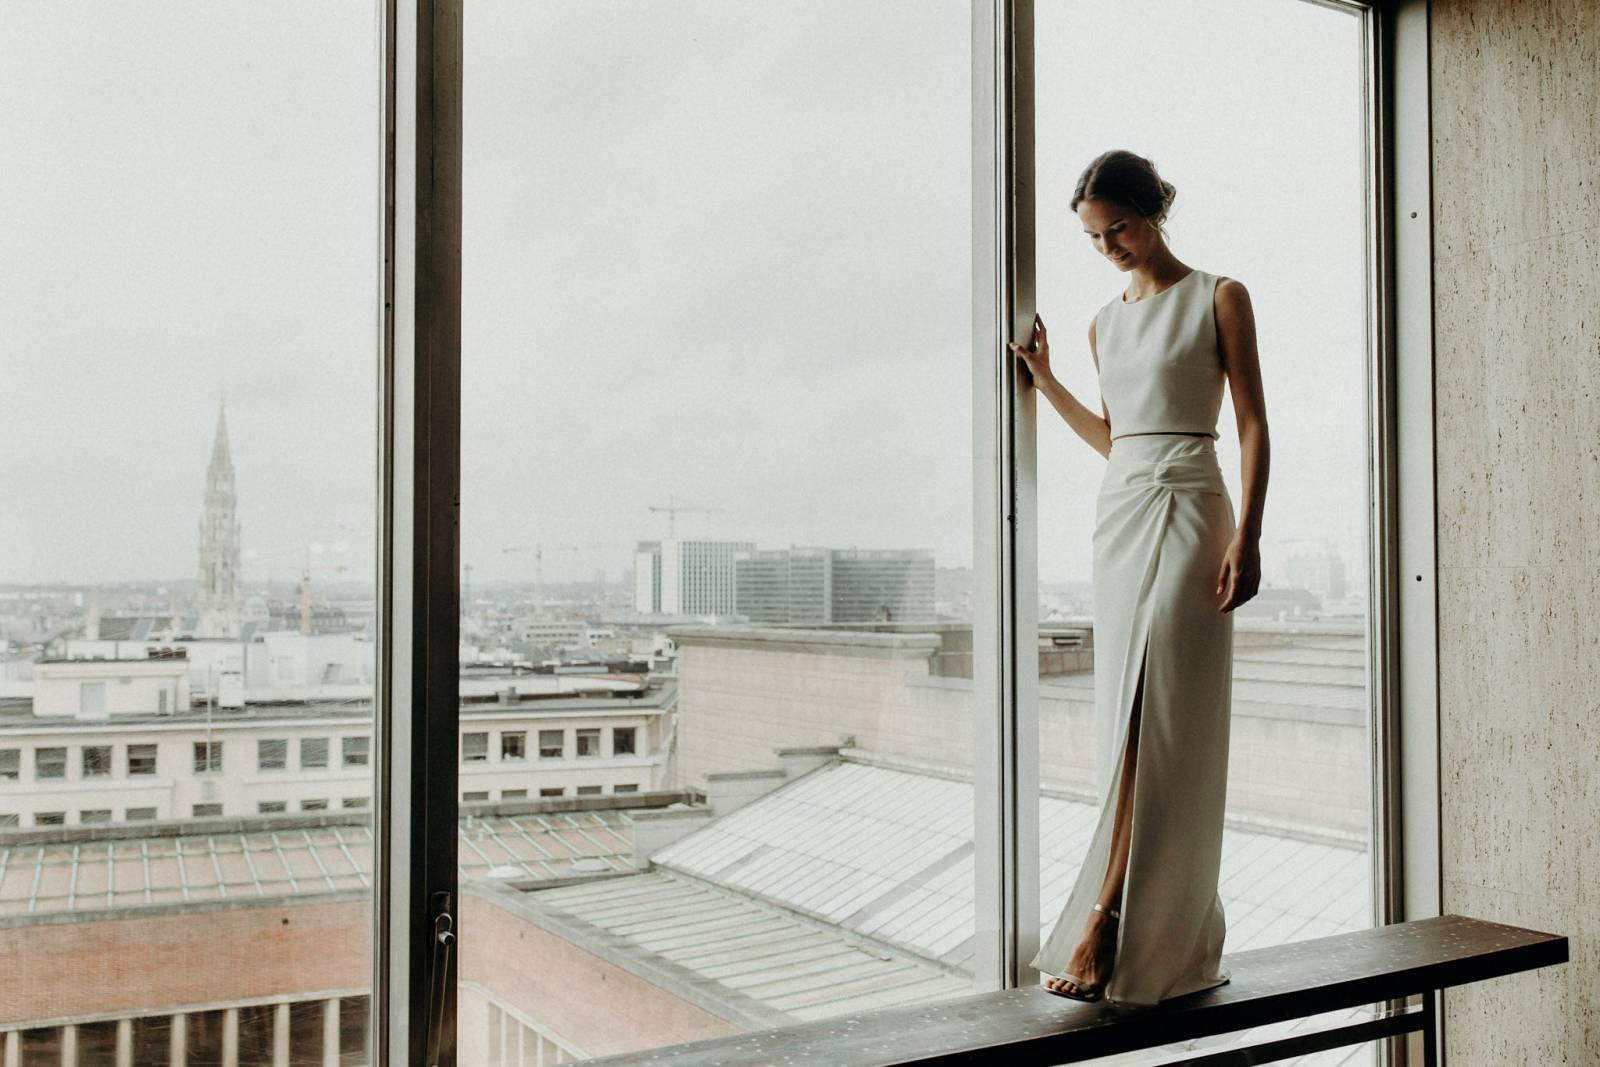 Sikkema - Trouwjurk - Bruidswinkel - Fotograaf Elke van den Ende - House of Weddings - 16